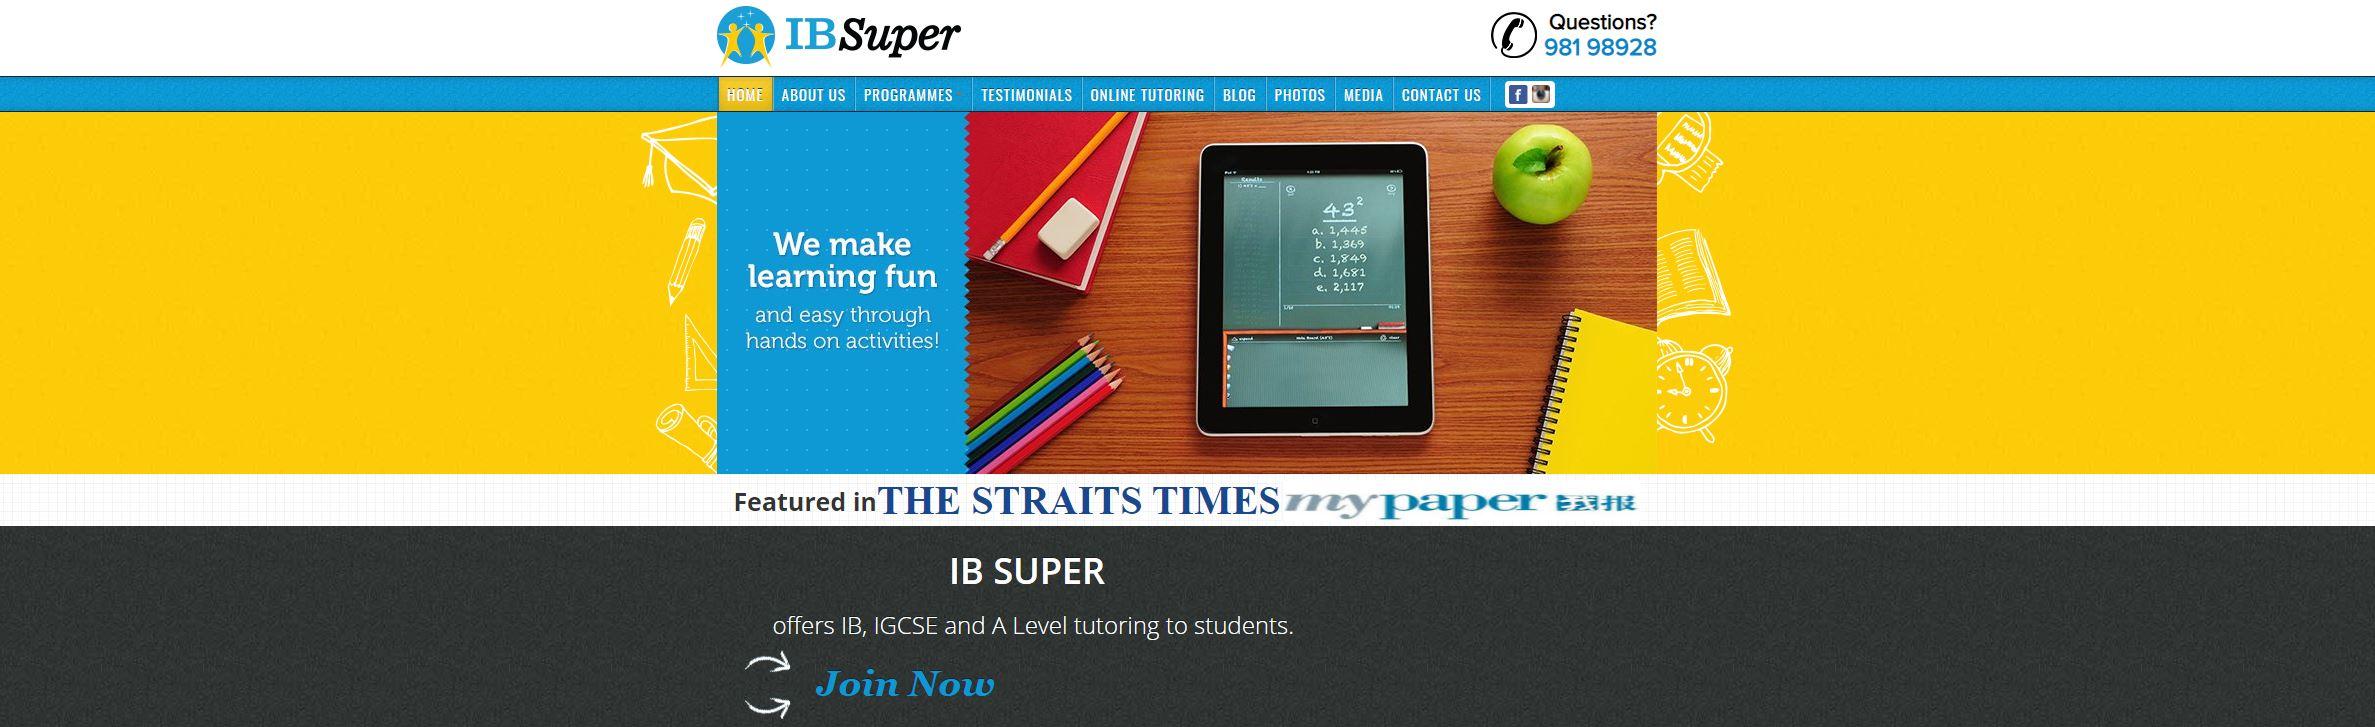 IB Super IB Tuition